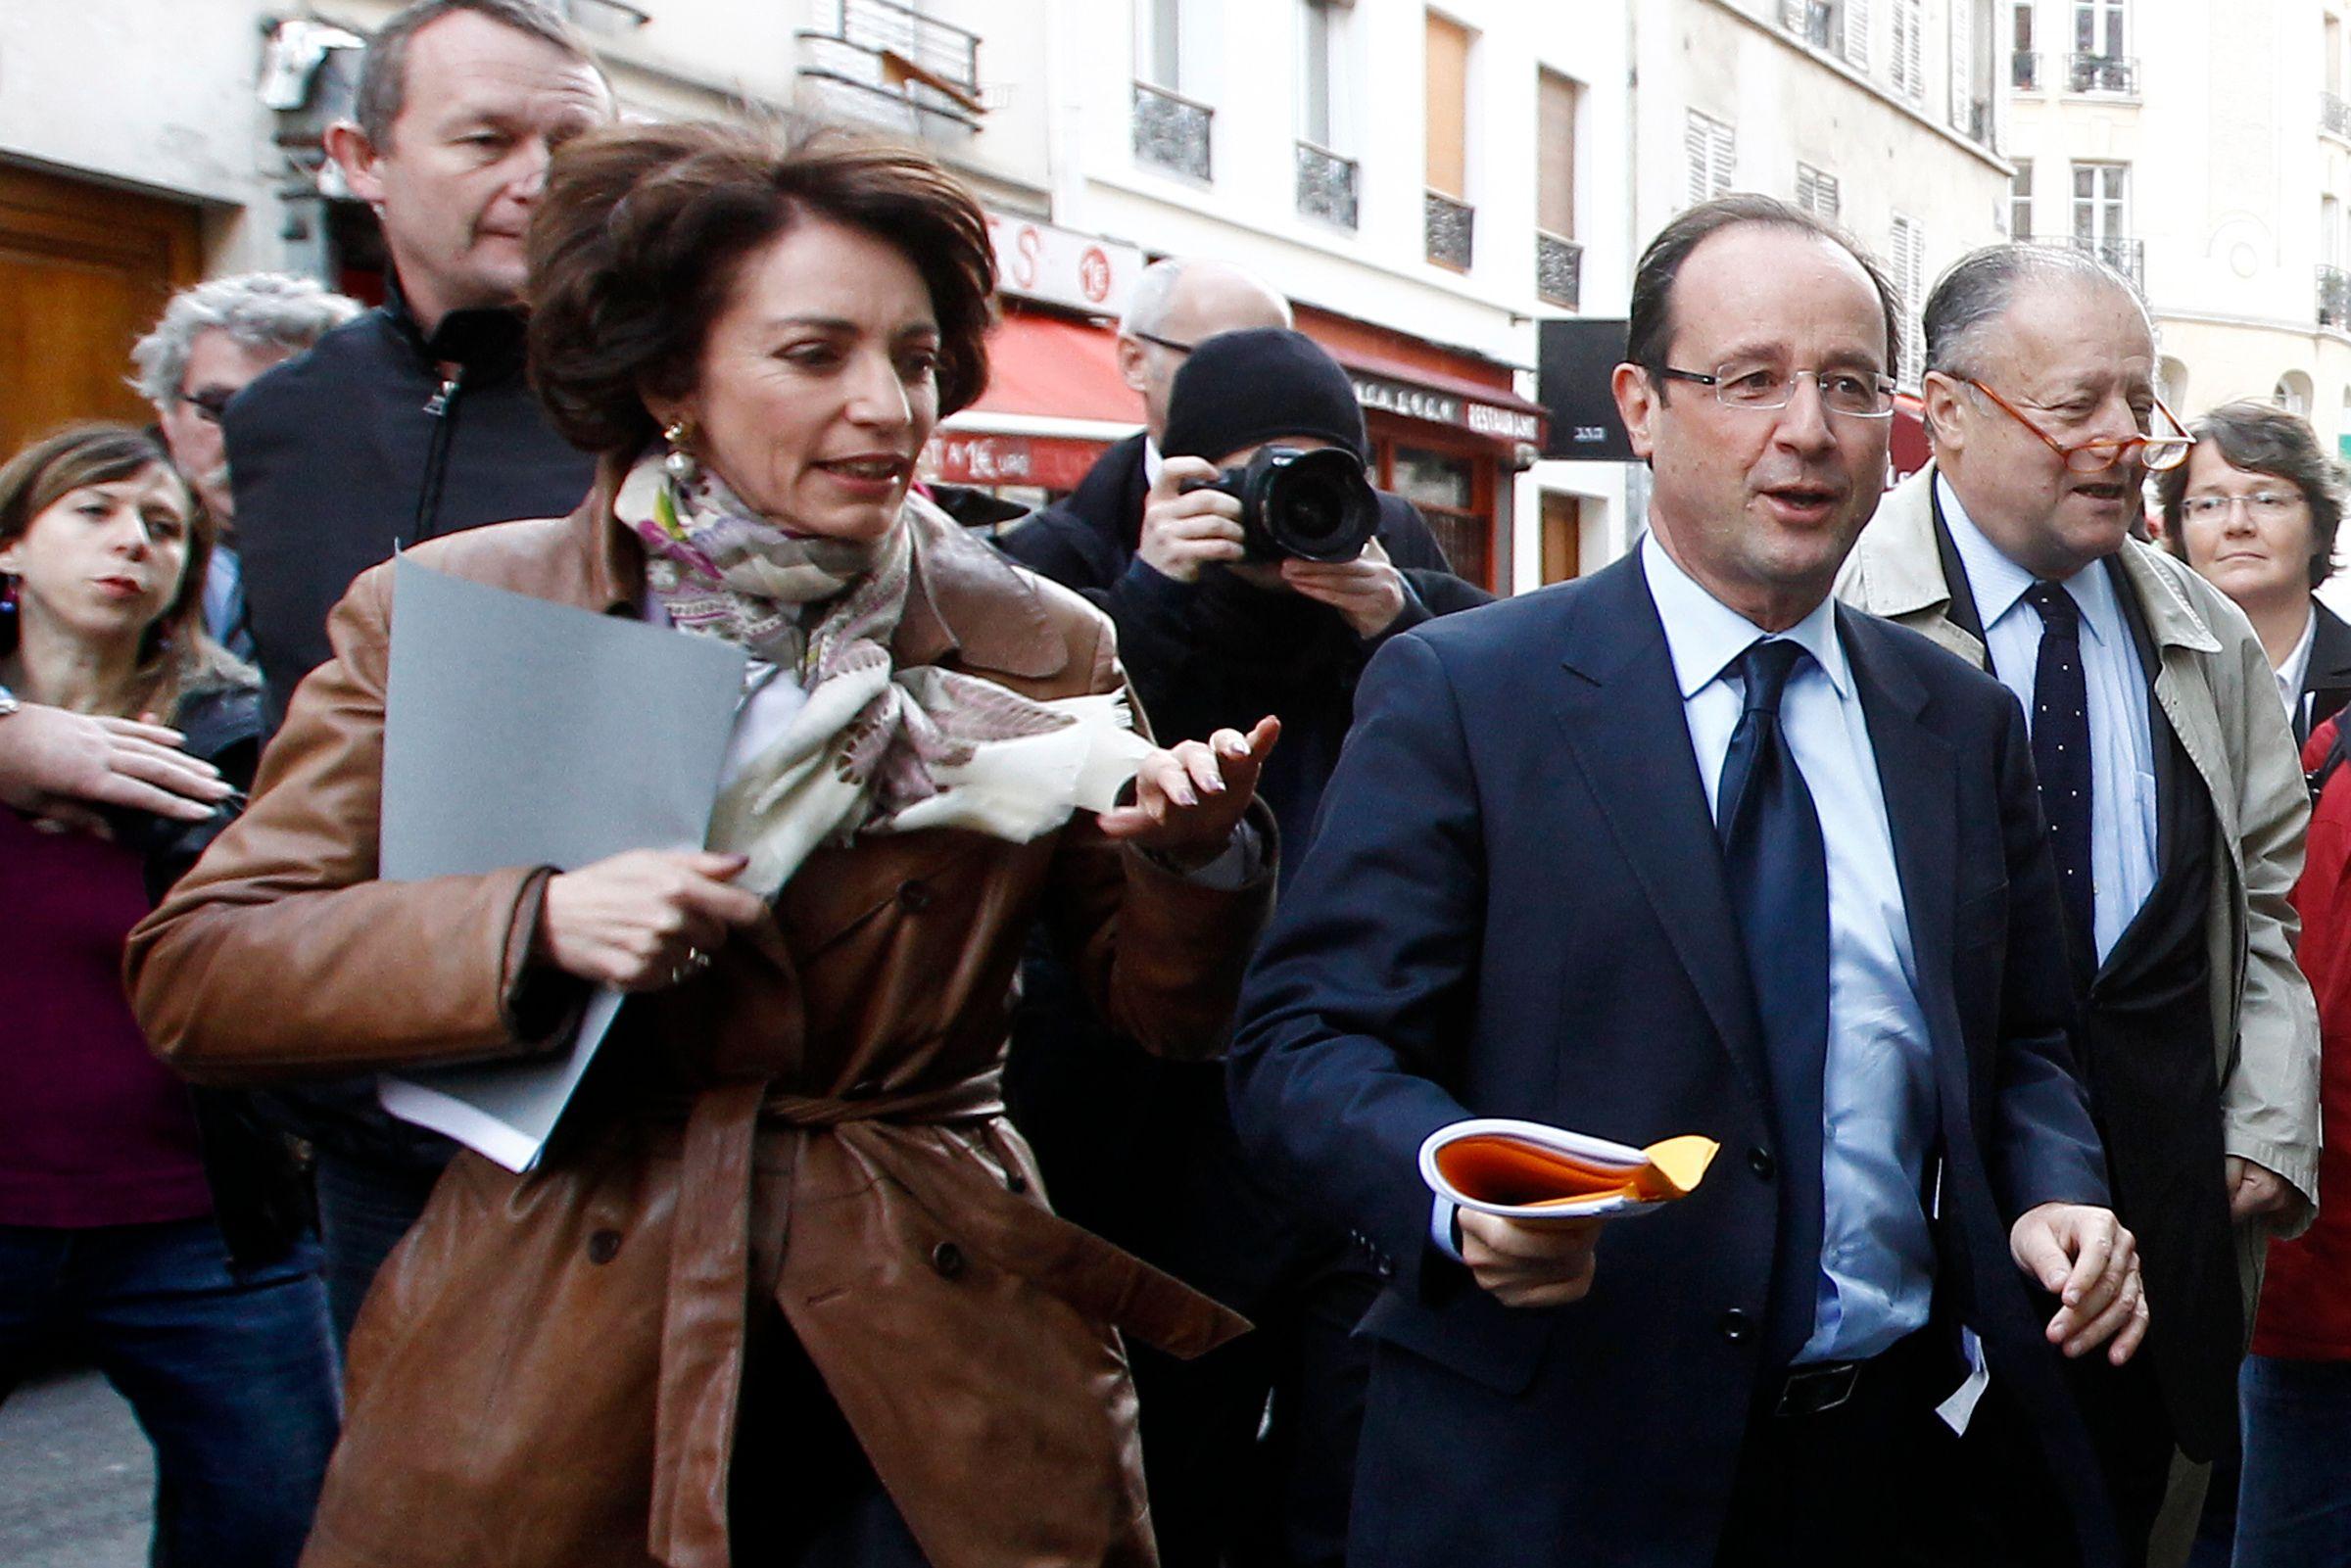 Selon Thierry Mariani, en moins de trois semaines, trois signes très clairs ont montré l'orientation à venir de la politique d'immigration du gouvernement de gauche. L'annonce de Marisol Touraine en fait partie.